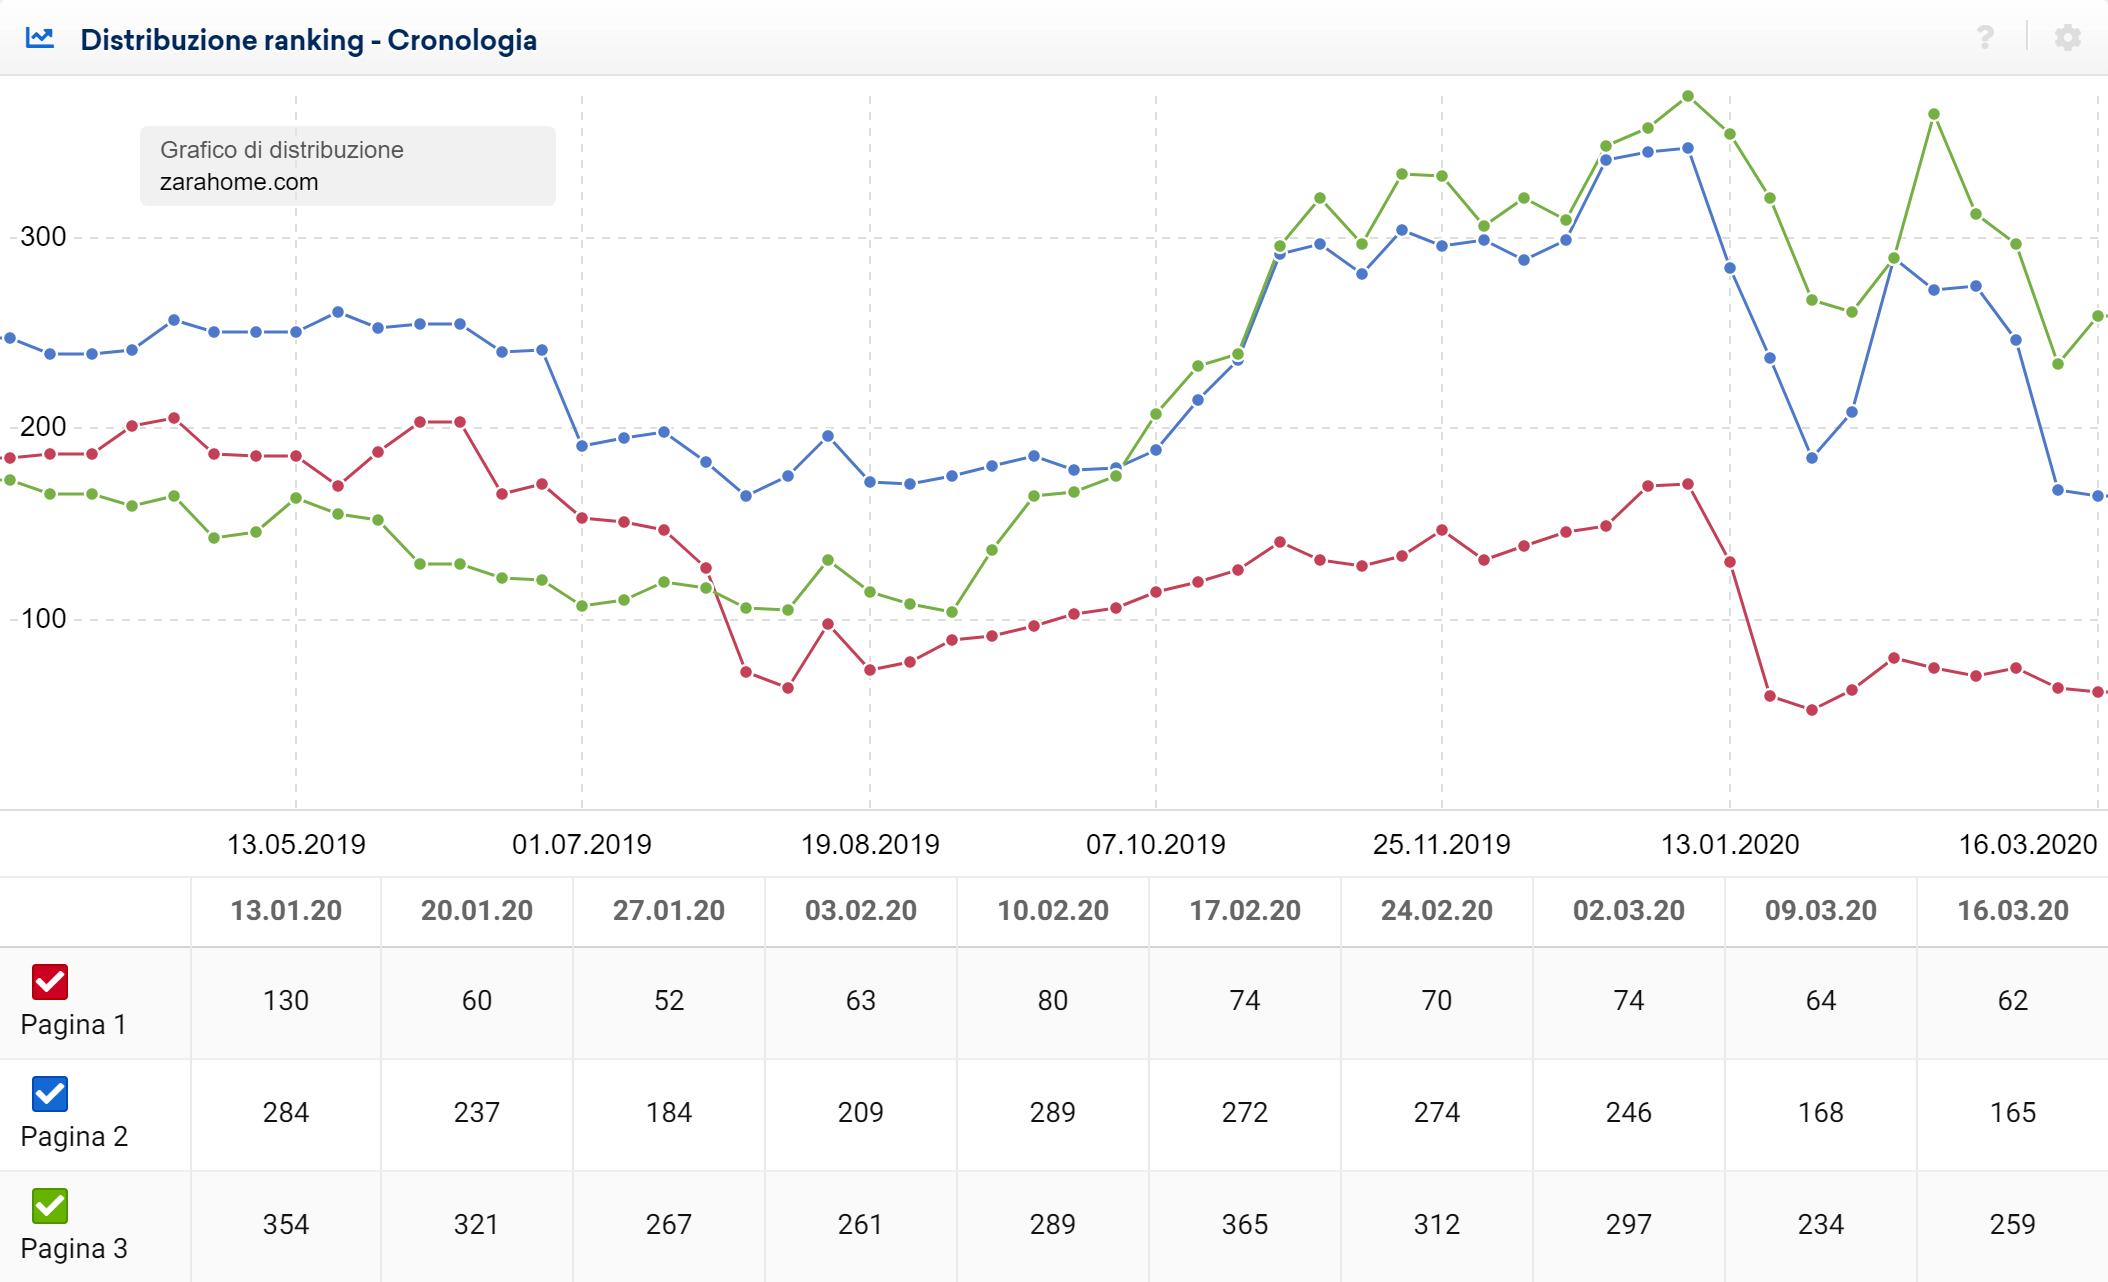 Toolbox SISTRIX: distribuzione dei ranking di zarahome.com